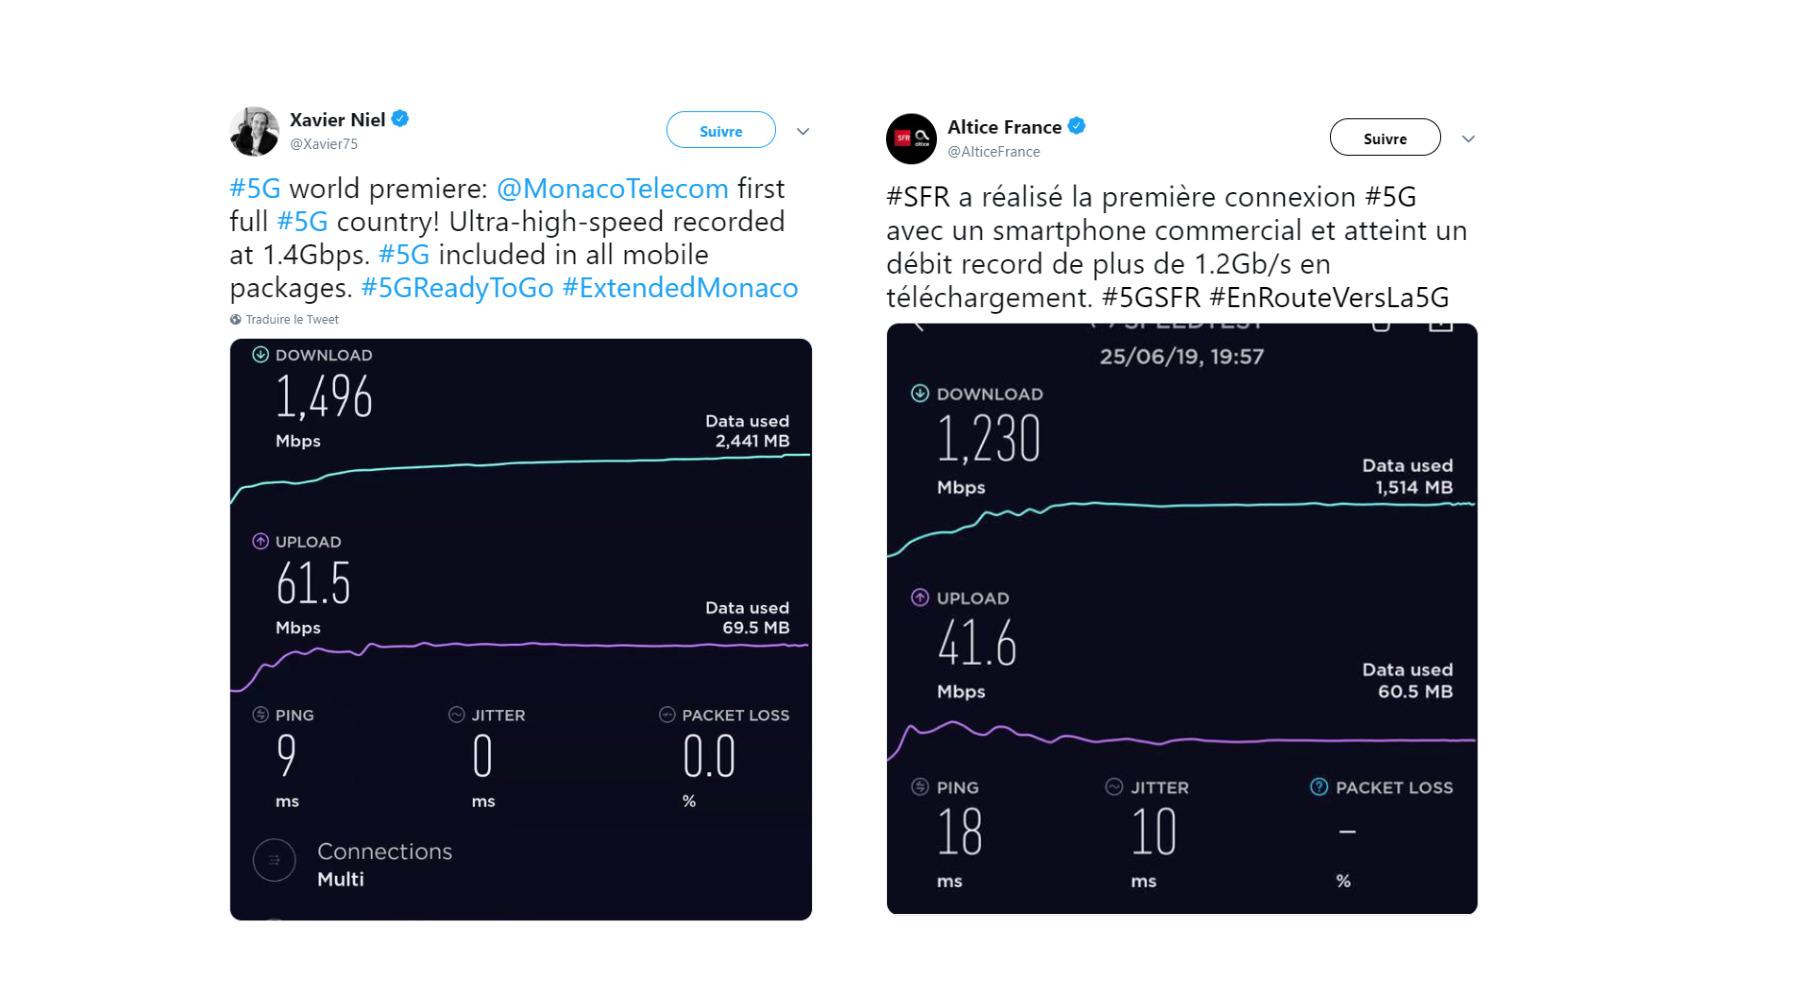 Xavier Niel et Altice SFR partagent leurs speedtests 5G, mais vous n'aurez certainement pas la même expérience